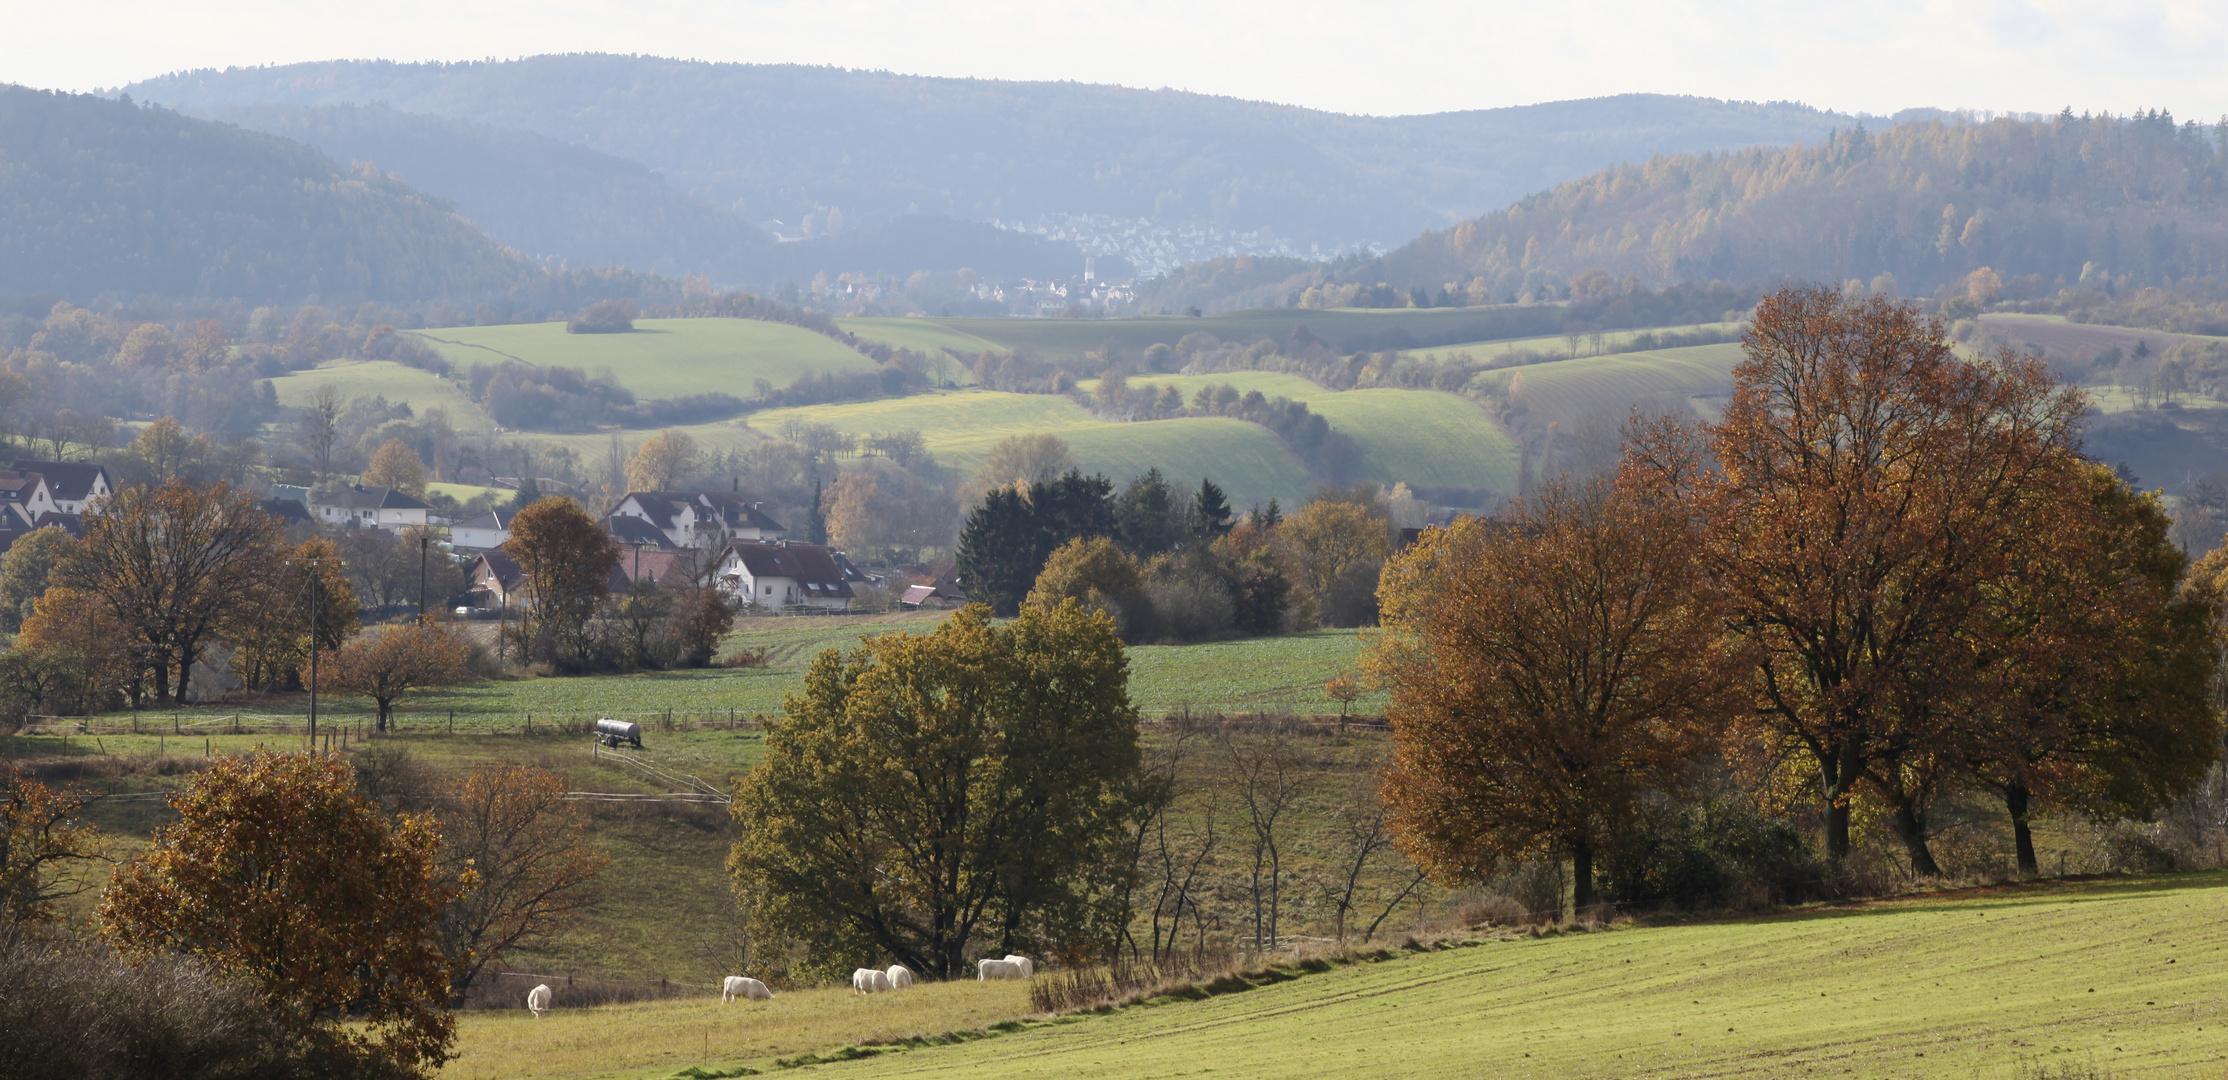 Burgwald - Hessen (Rauschenberg?)